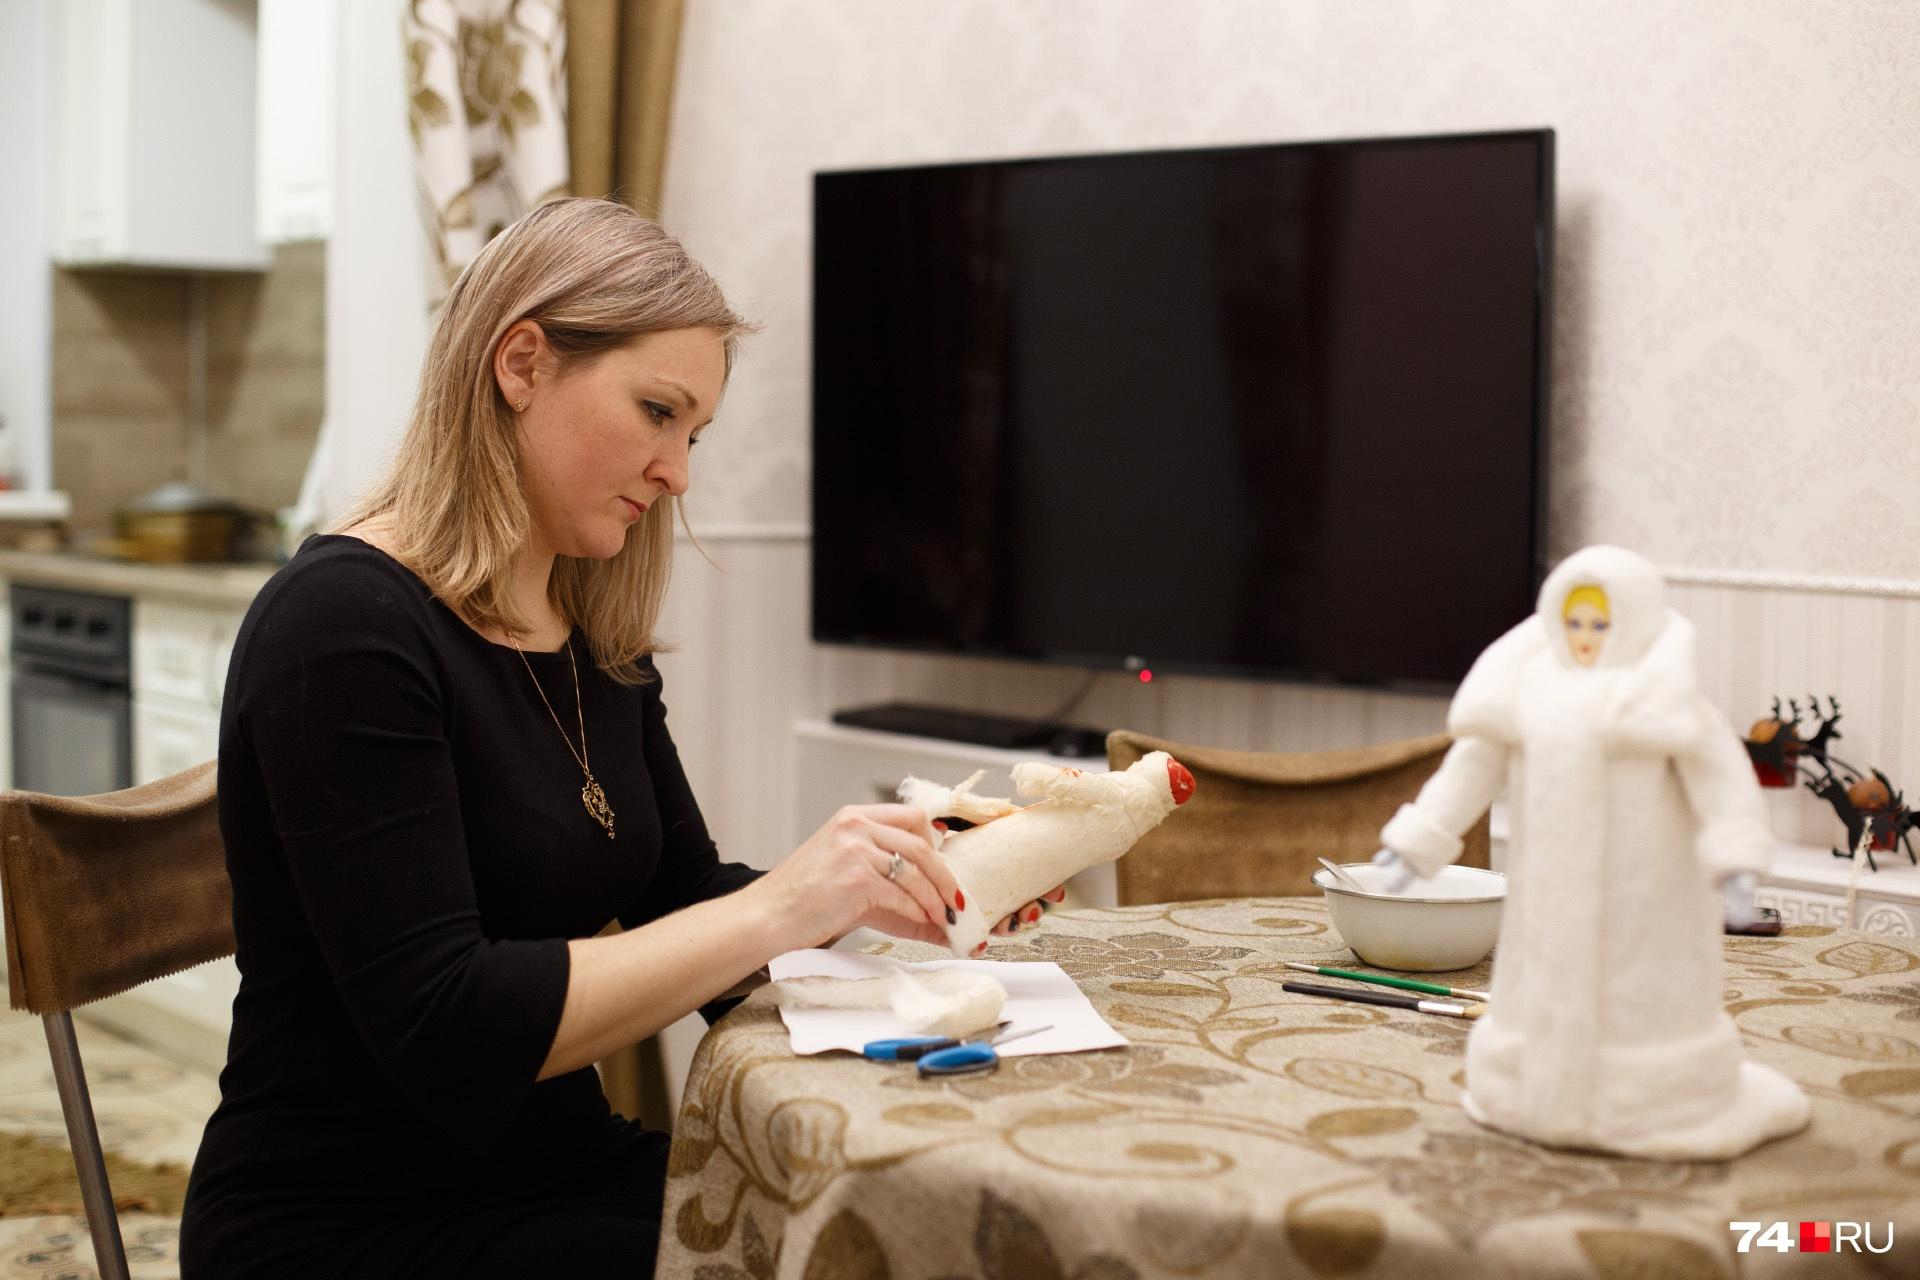 Ольга использует аутентичные материалы и технологии для восстановление старых игрушек